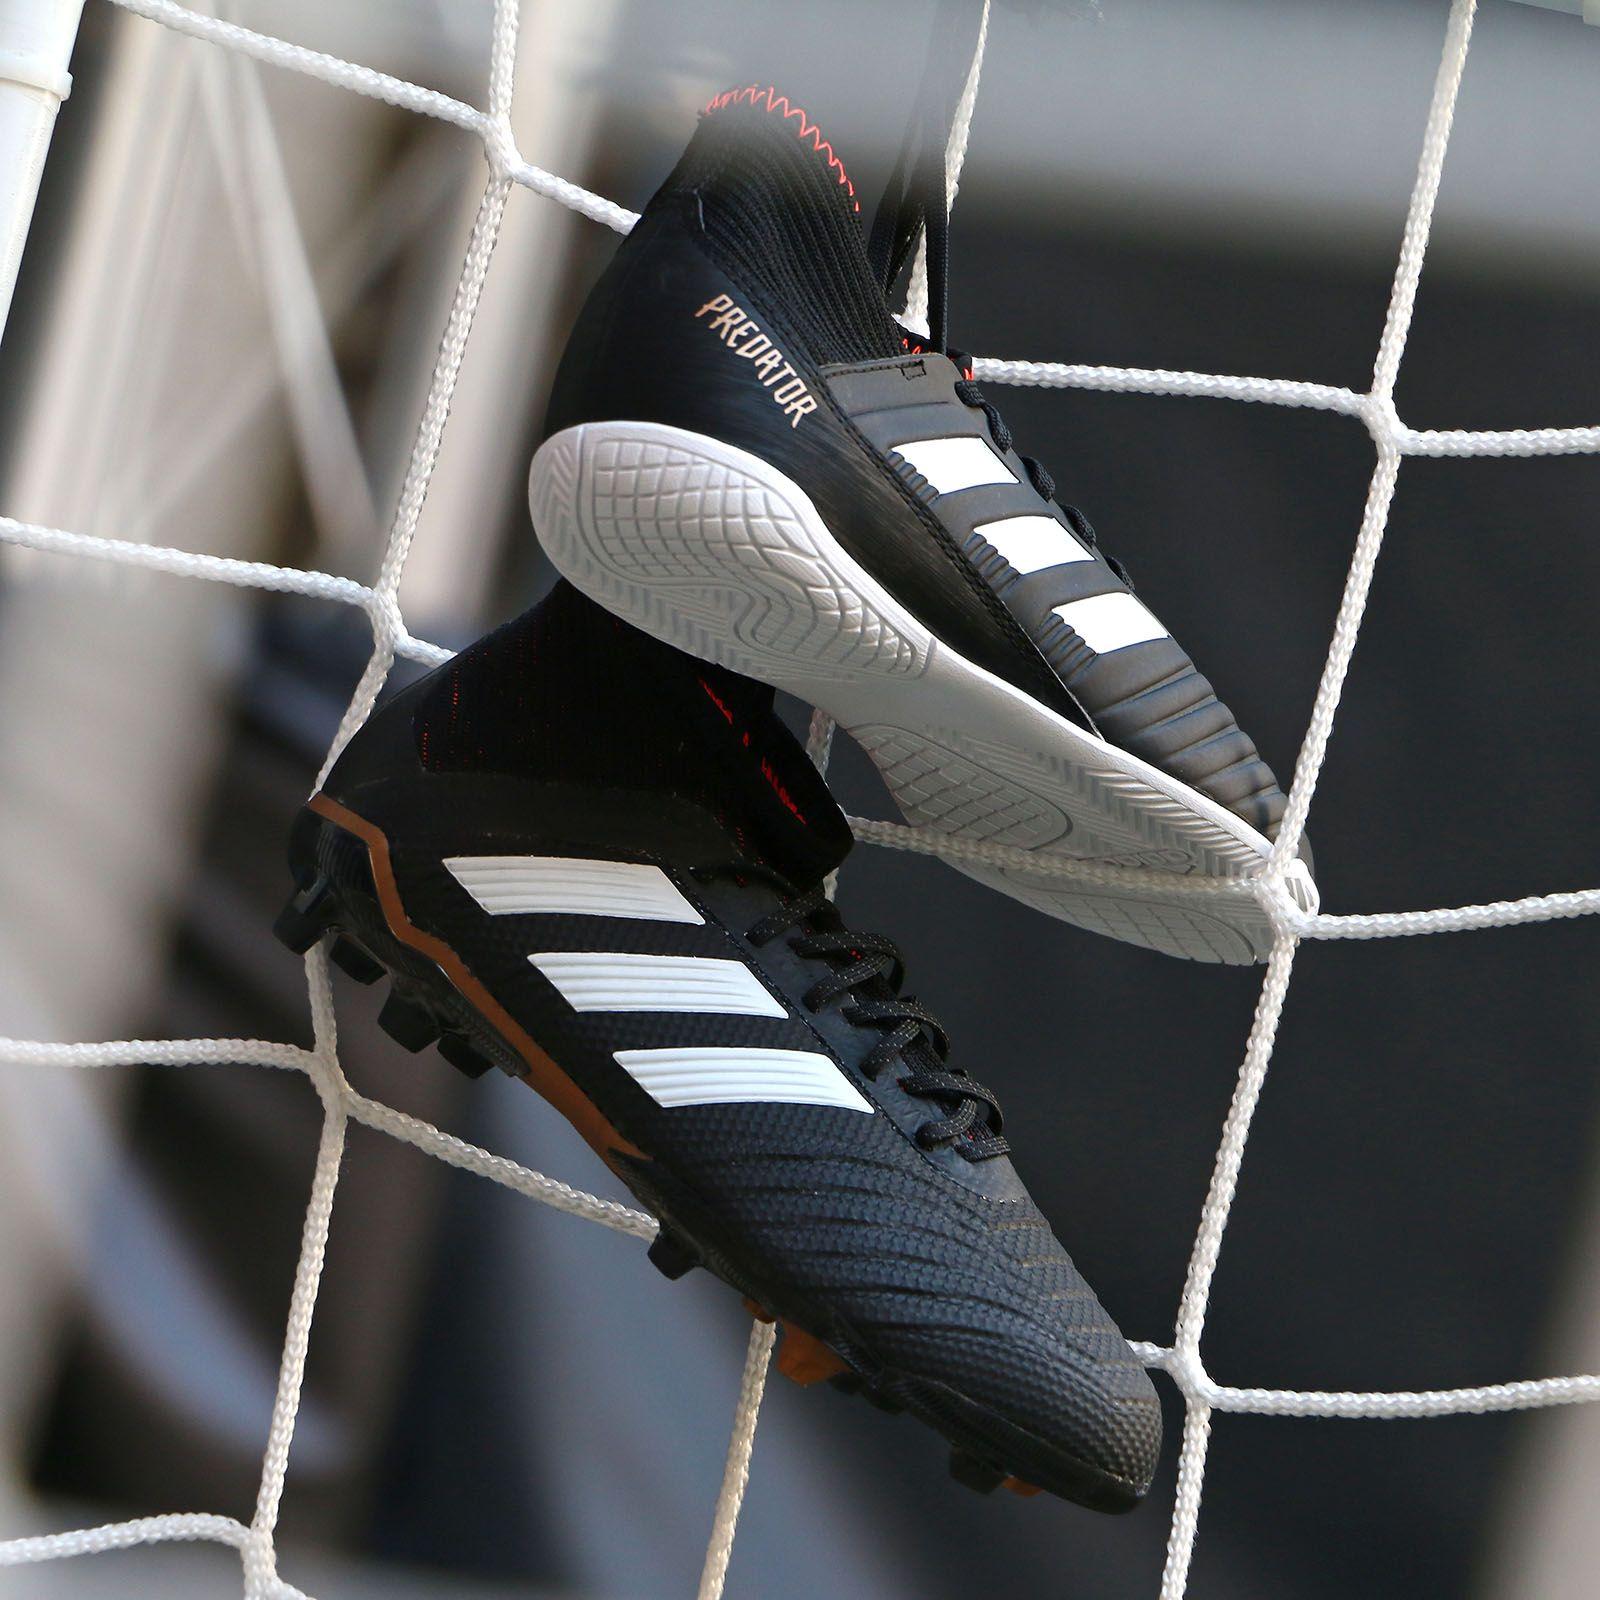 Botas y zapatillas de fútbol adidas predator. Foto: Marcela